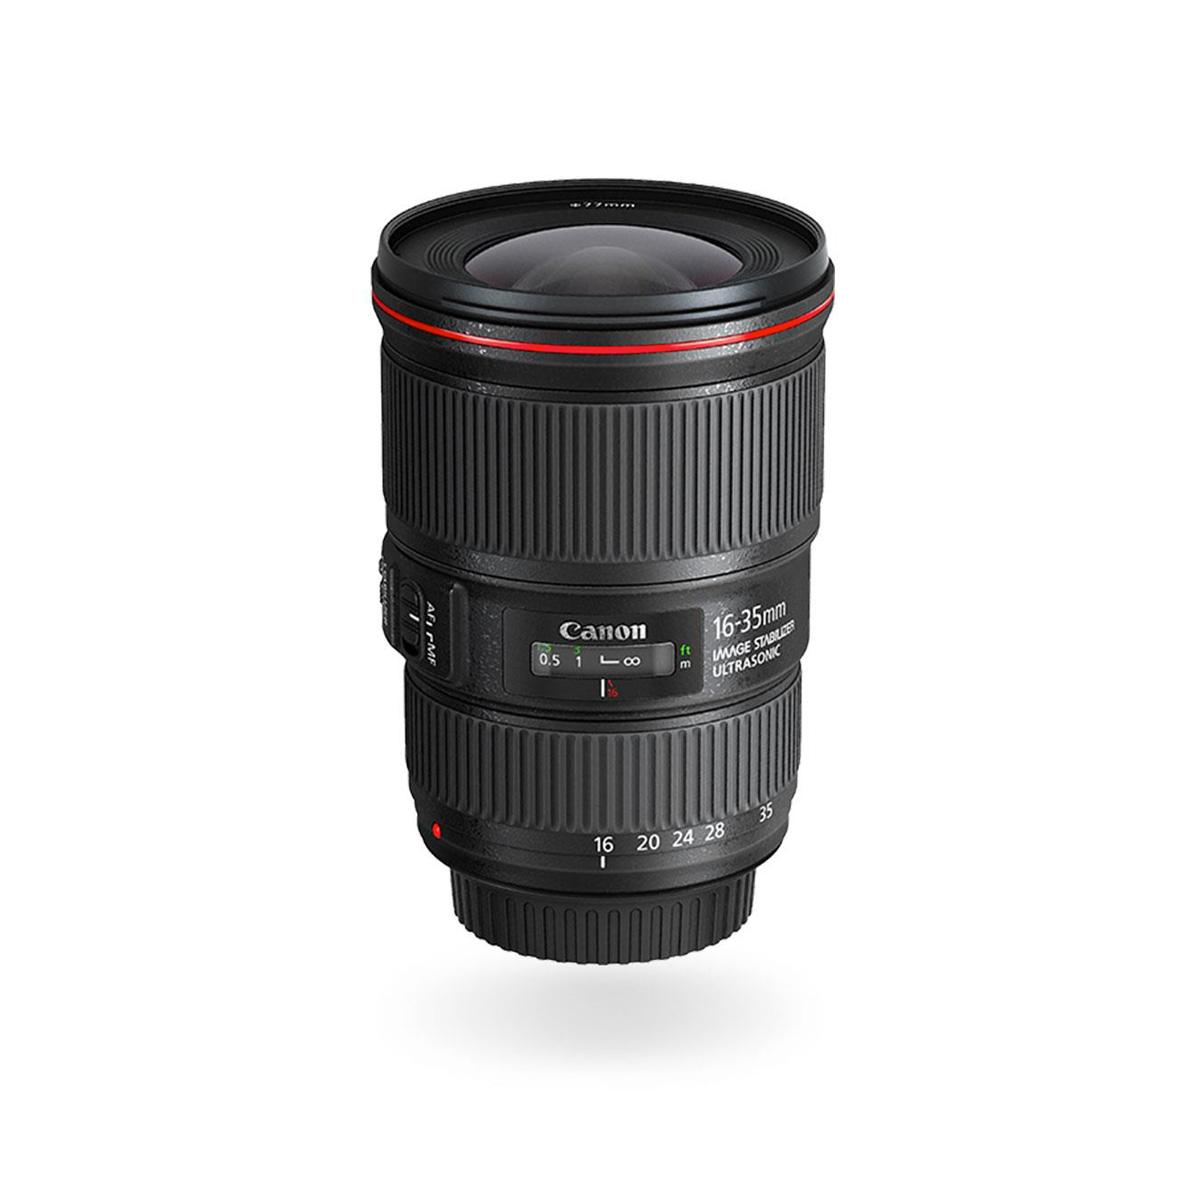 EF 16 35mm f 4L IS USM wide angle lens